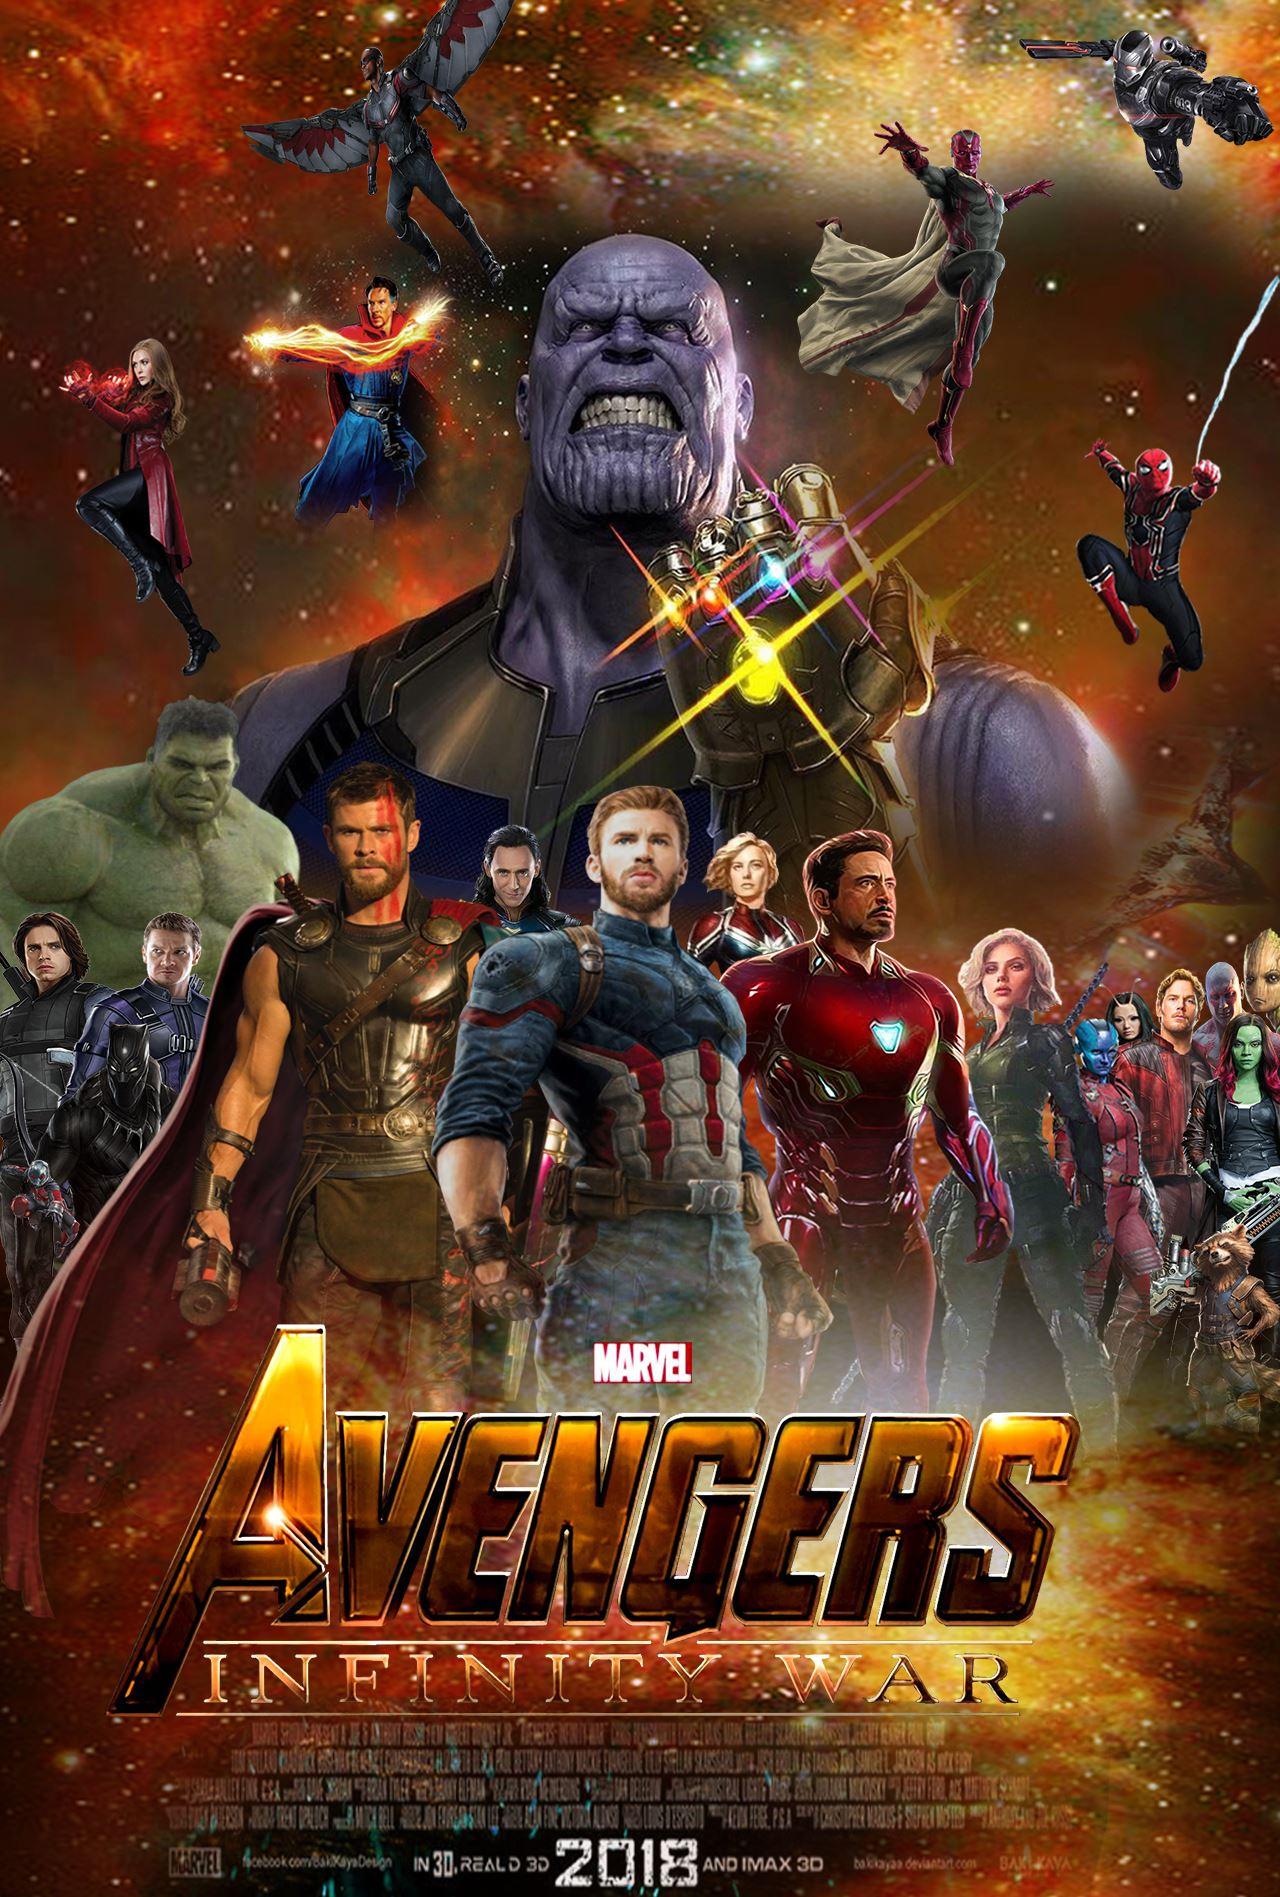 Avengers infinity war-part1